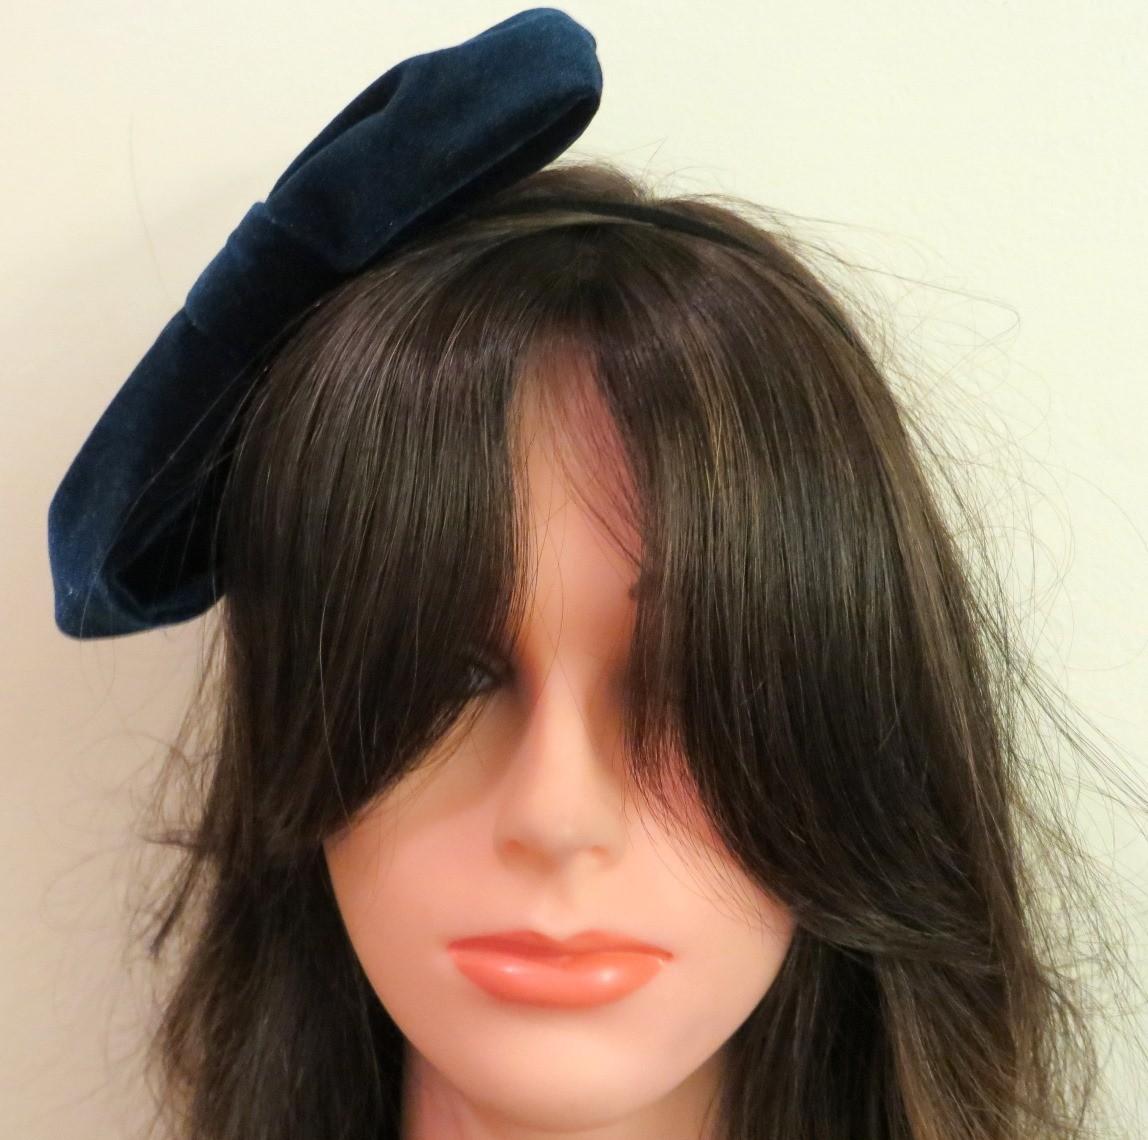 Blue velvet bow headband